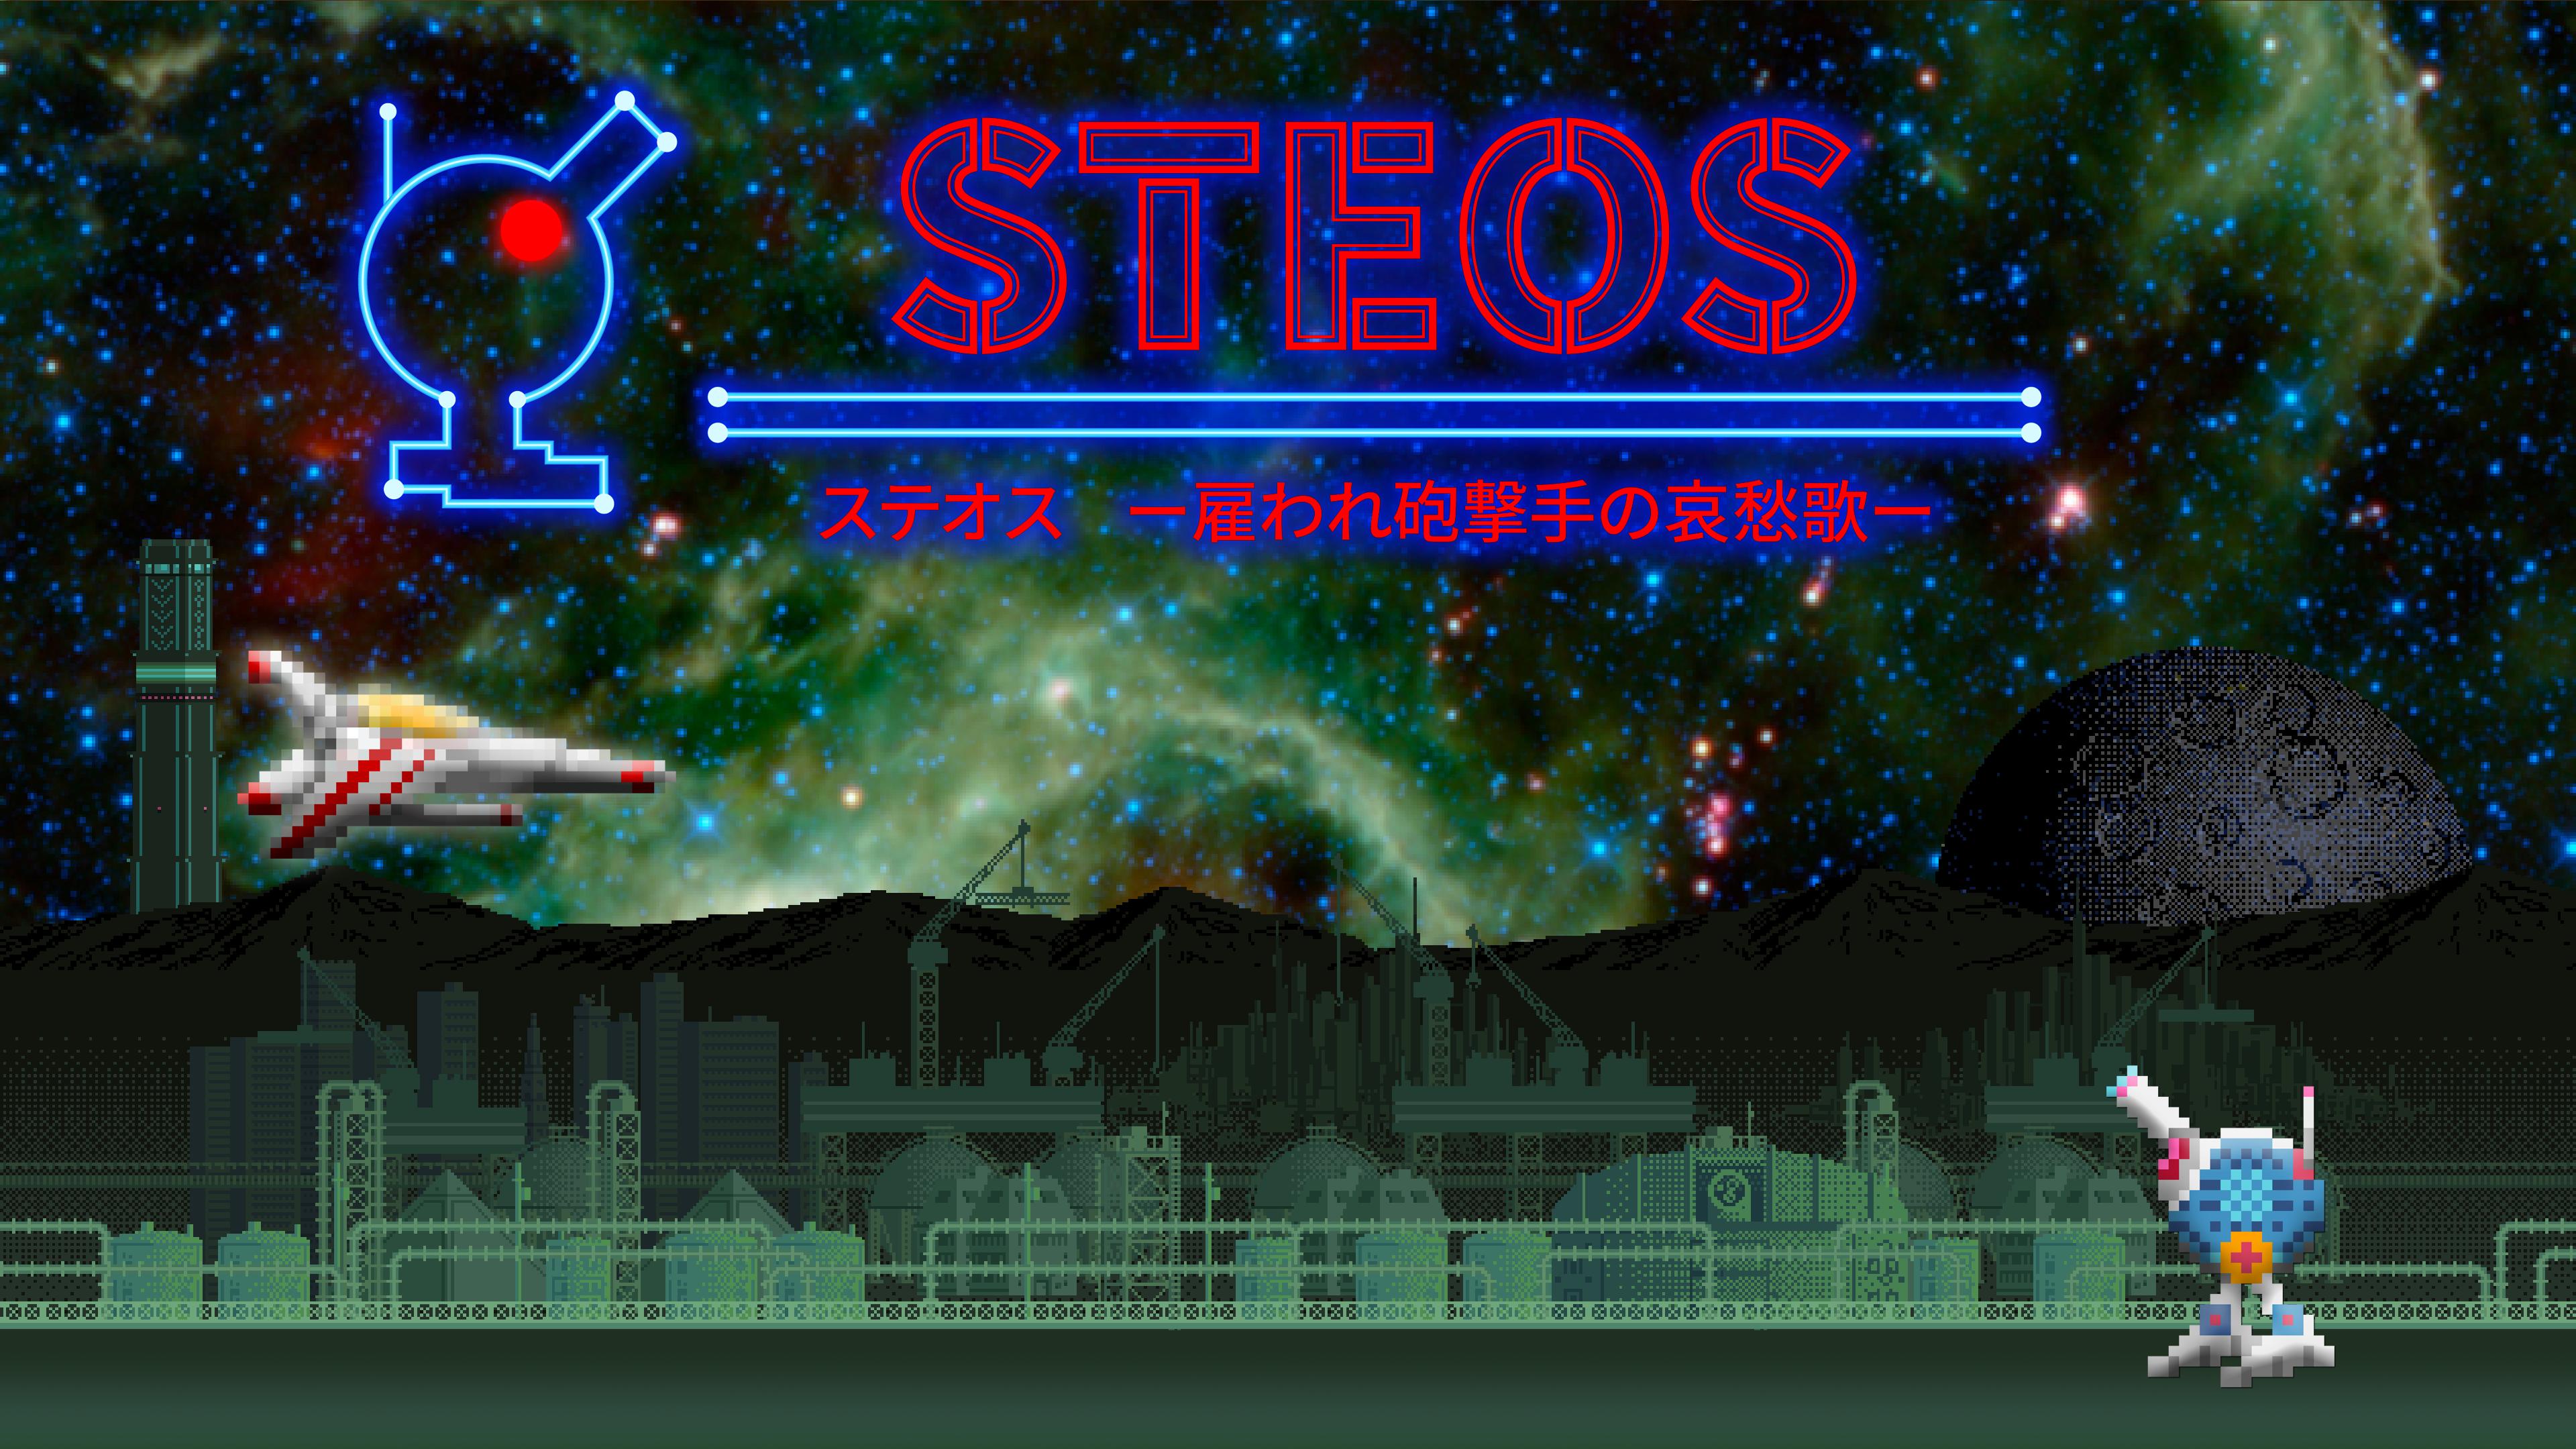 ツクールシリーズ ステオス -雇われ砲撃手の哀愁歌-